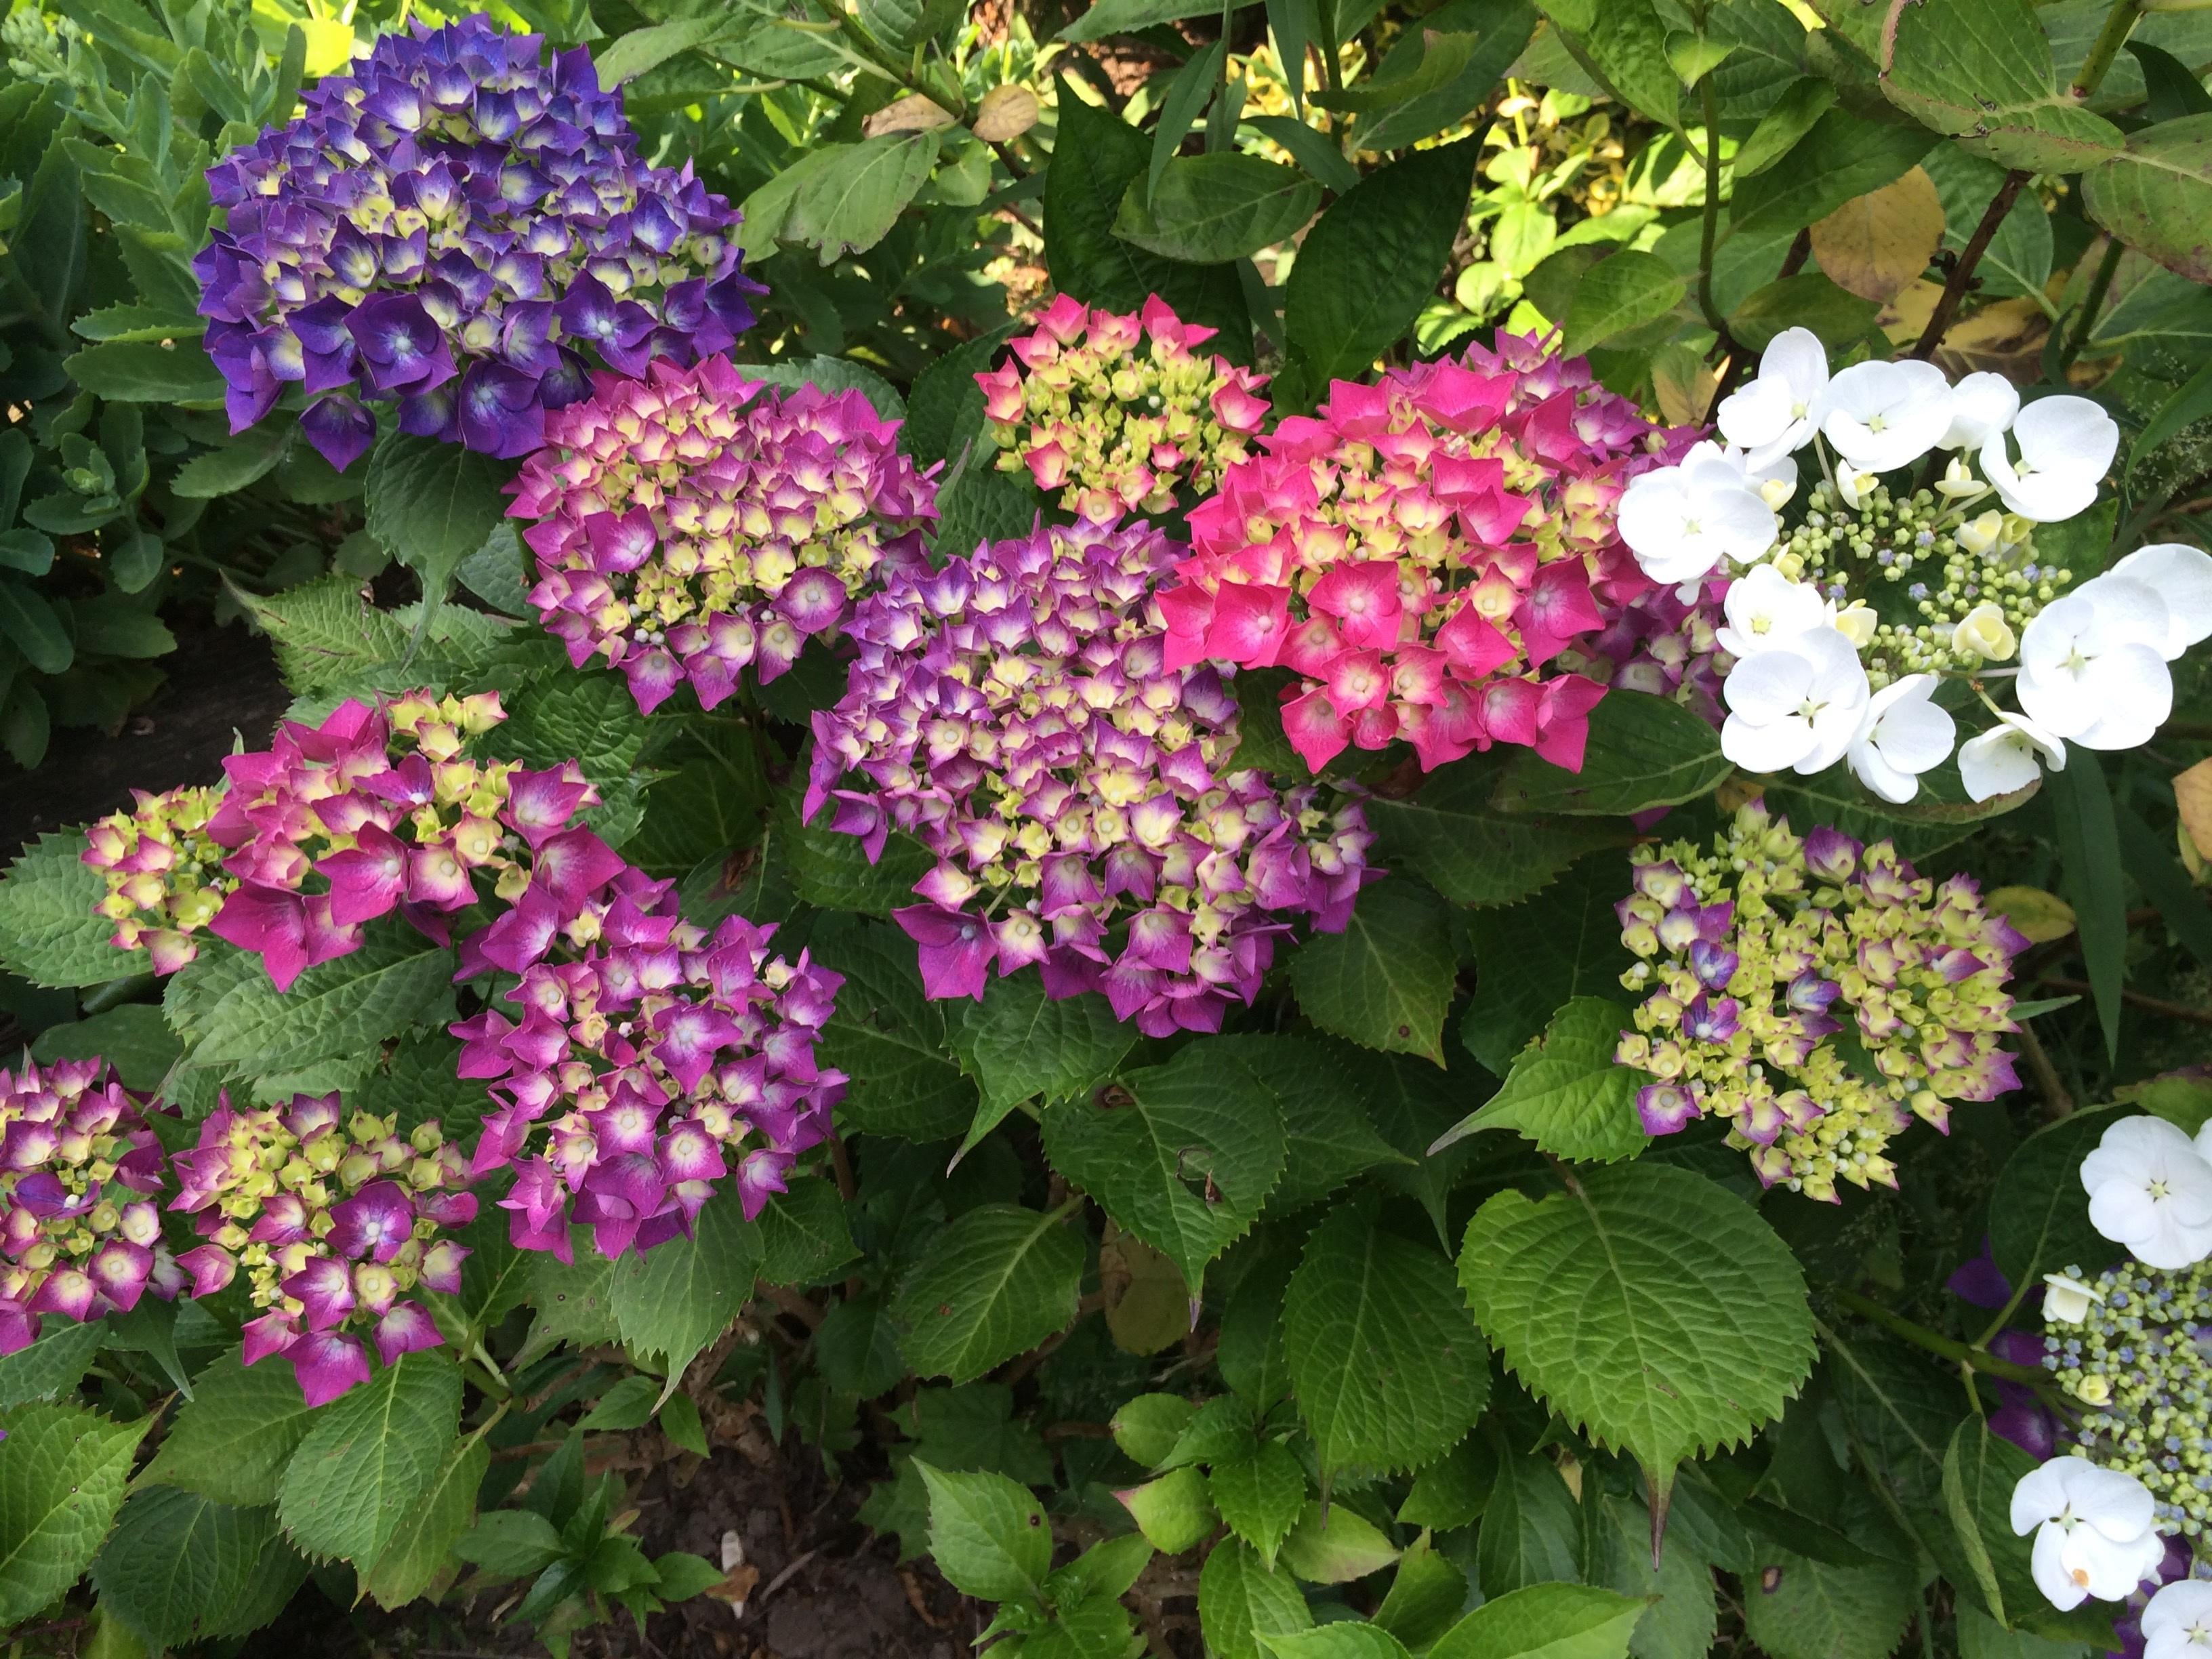 Struiken Met Bloemen Voor In De Tuin.Gratis Afbeeldingen Fabriek Purper Bloeien De Lente